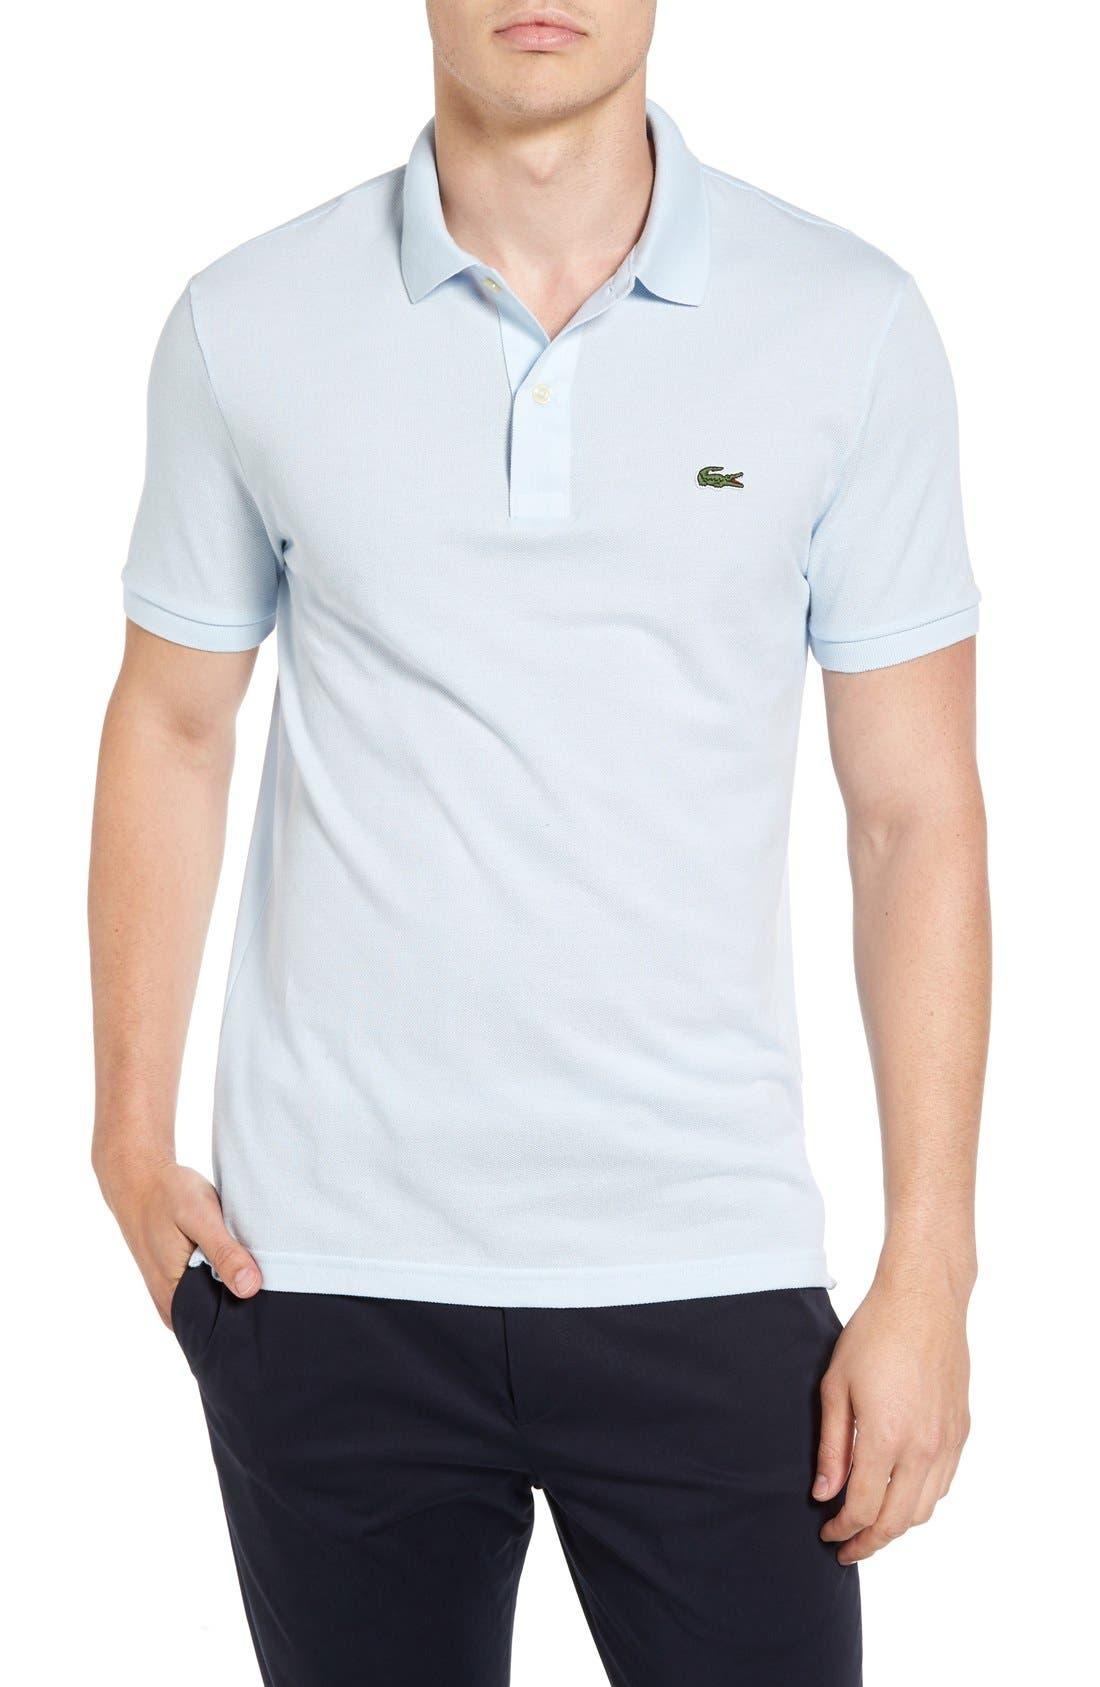 LACOSTE Slim Fit Piqué Polo, Main, color, RILL LIGHT BLUE